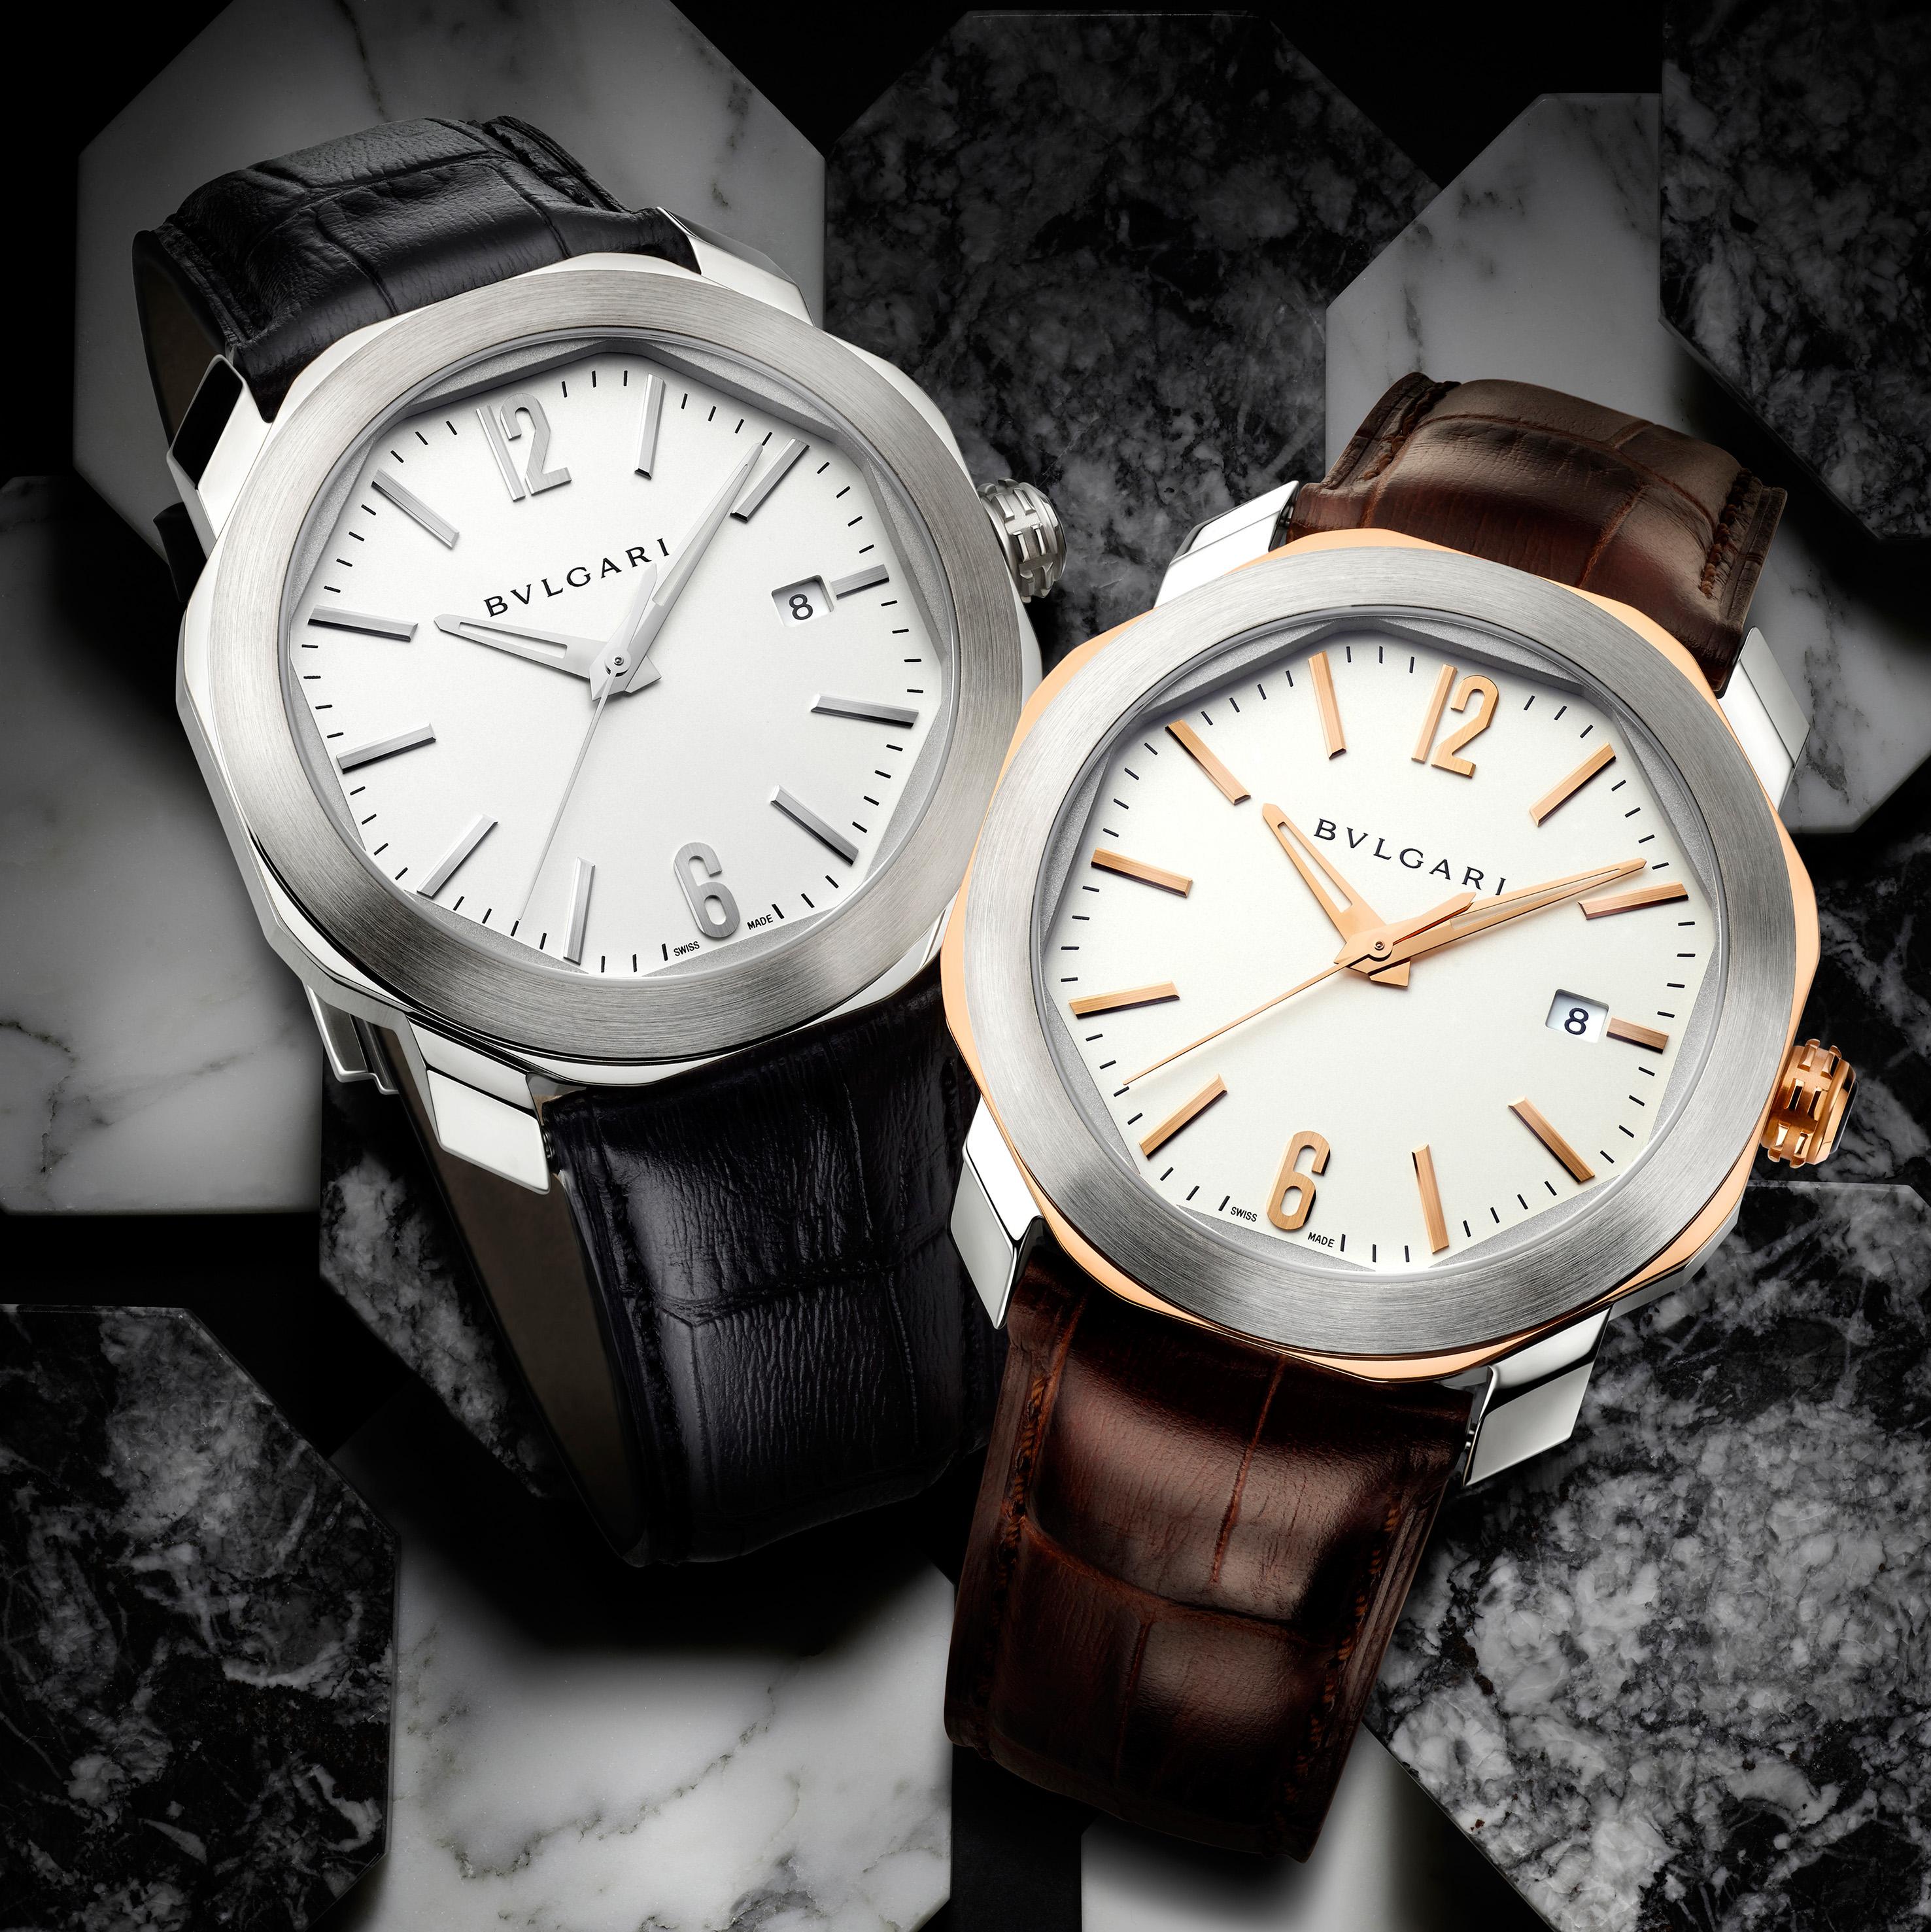 102779_BVLGARI OCTO ROMA 腕錶_4